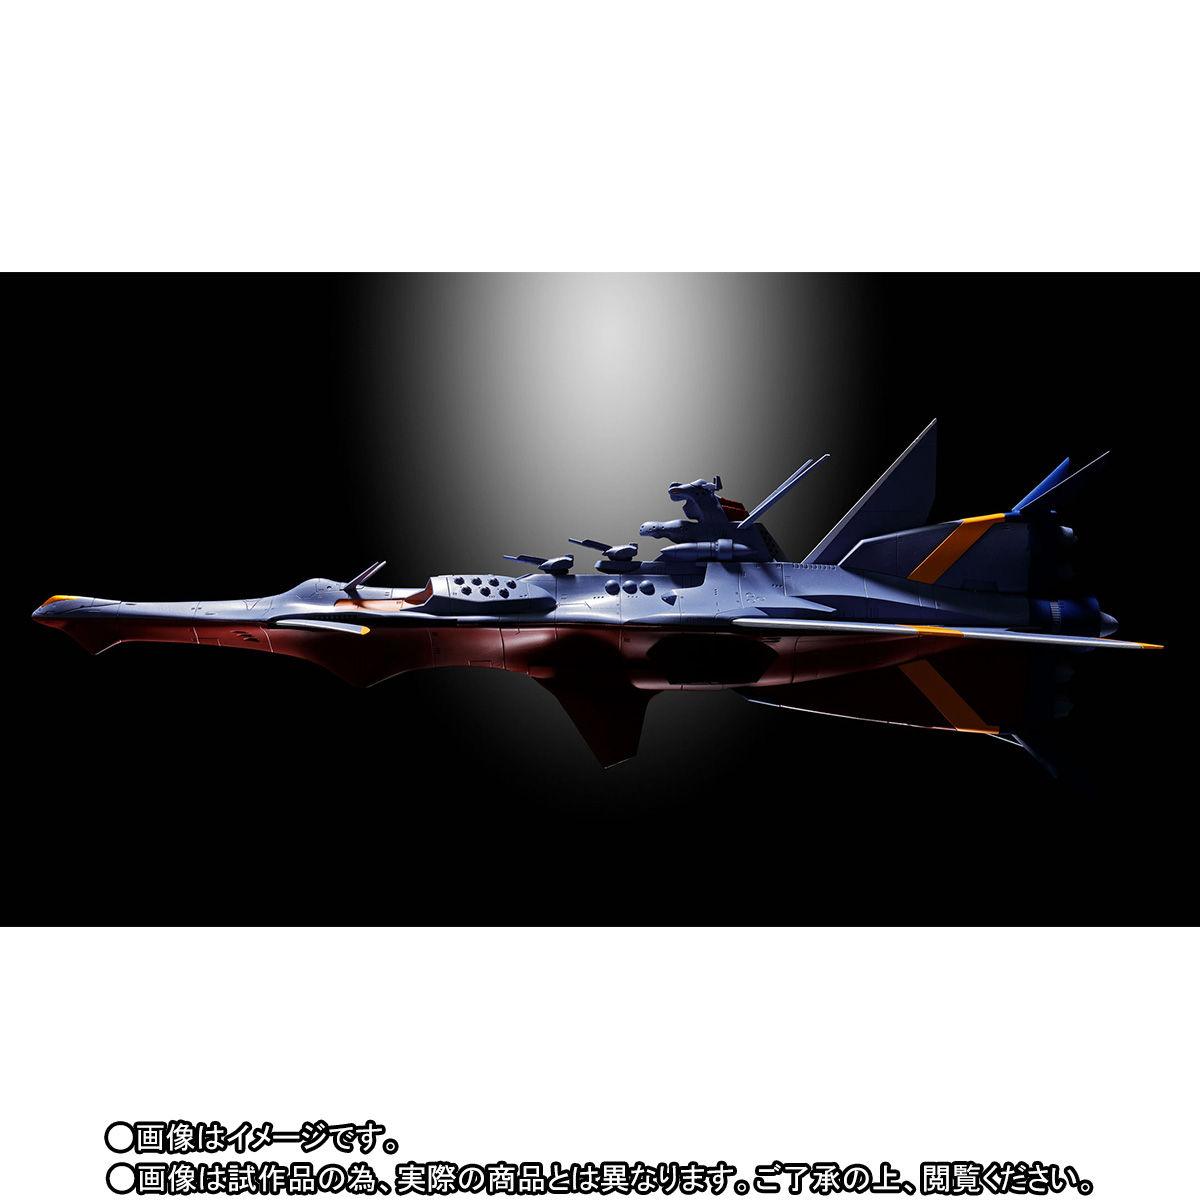 超合金魂 GX-80 万能戦艦 Ν-ノーチラス号(通常版)-007